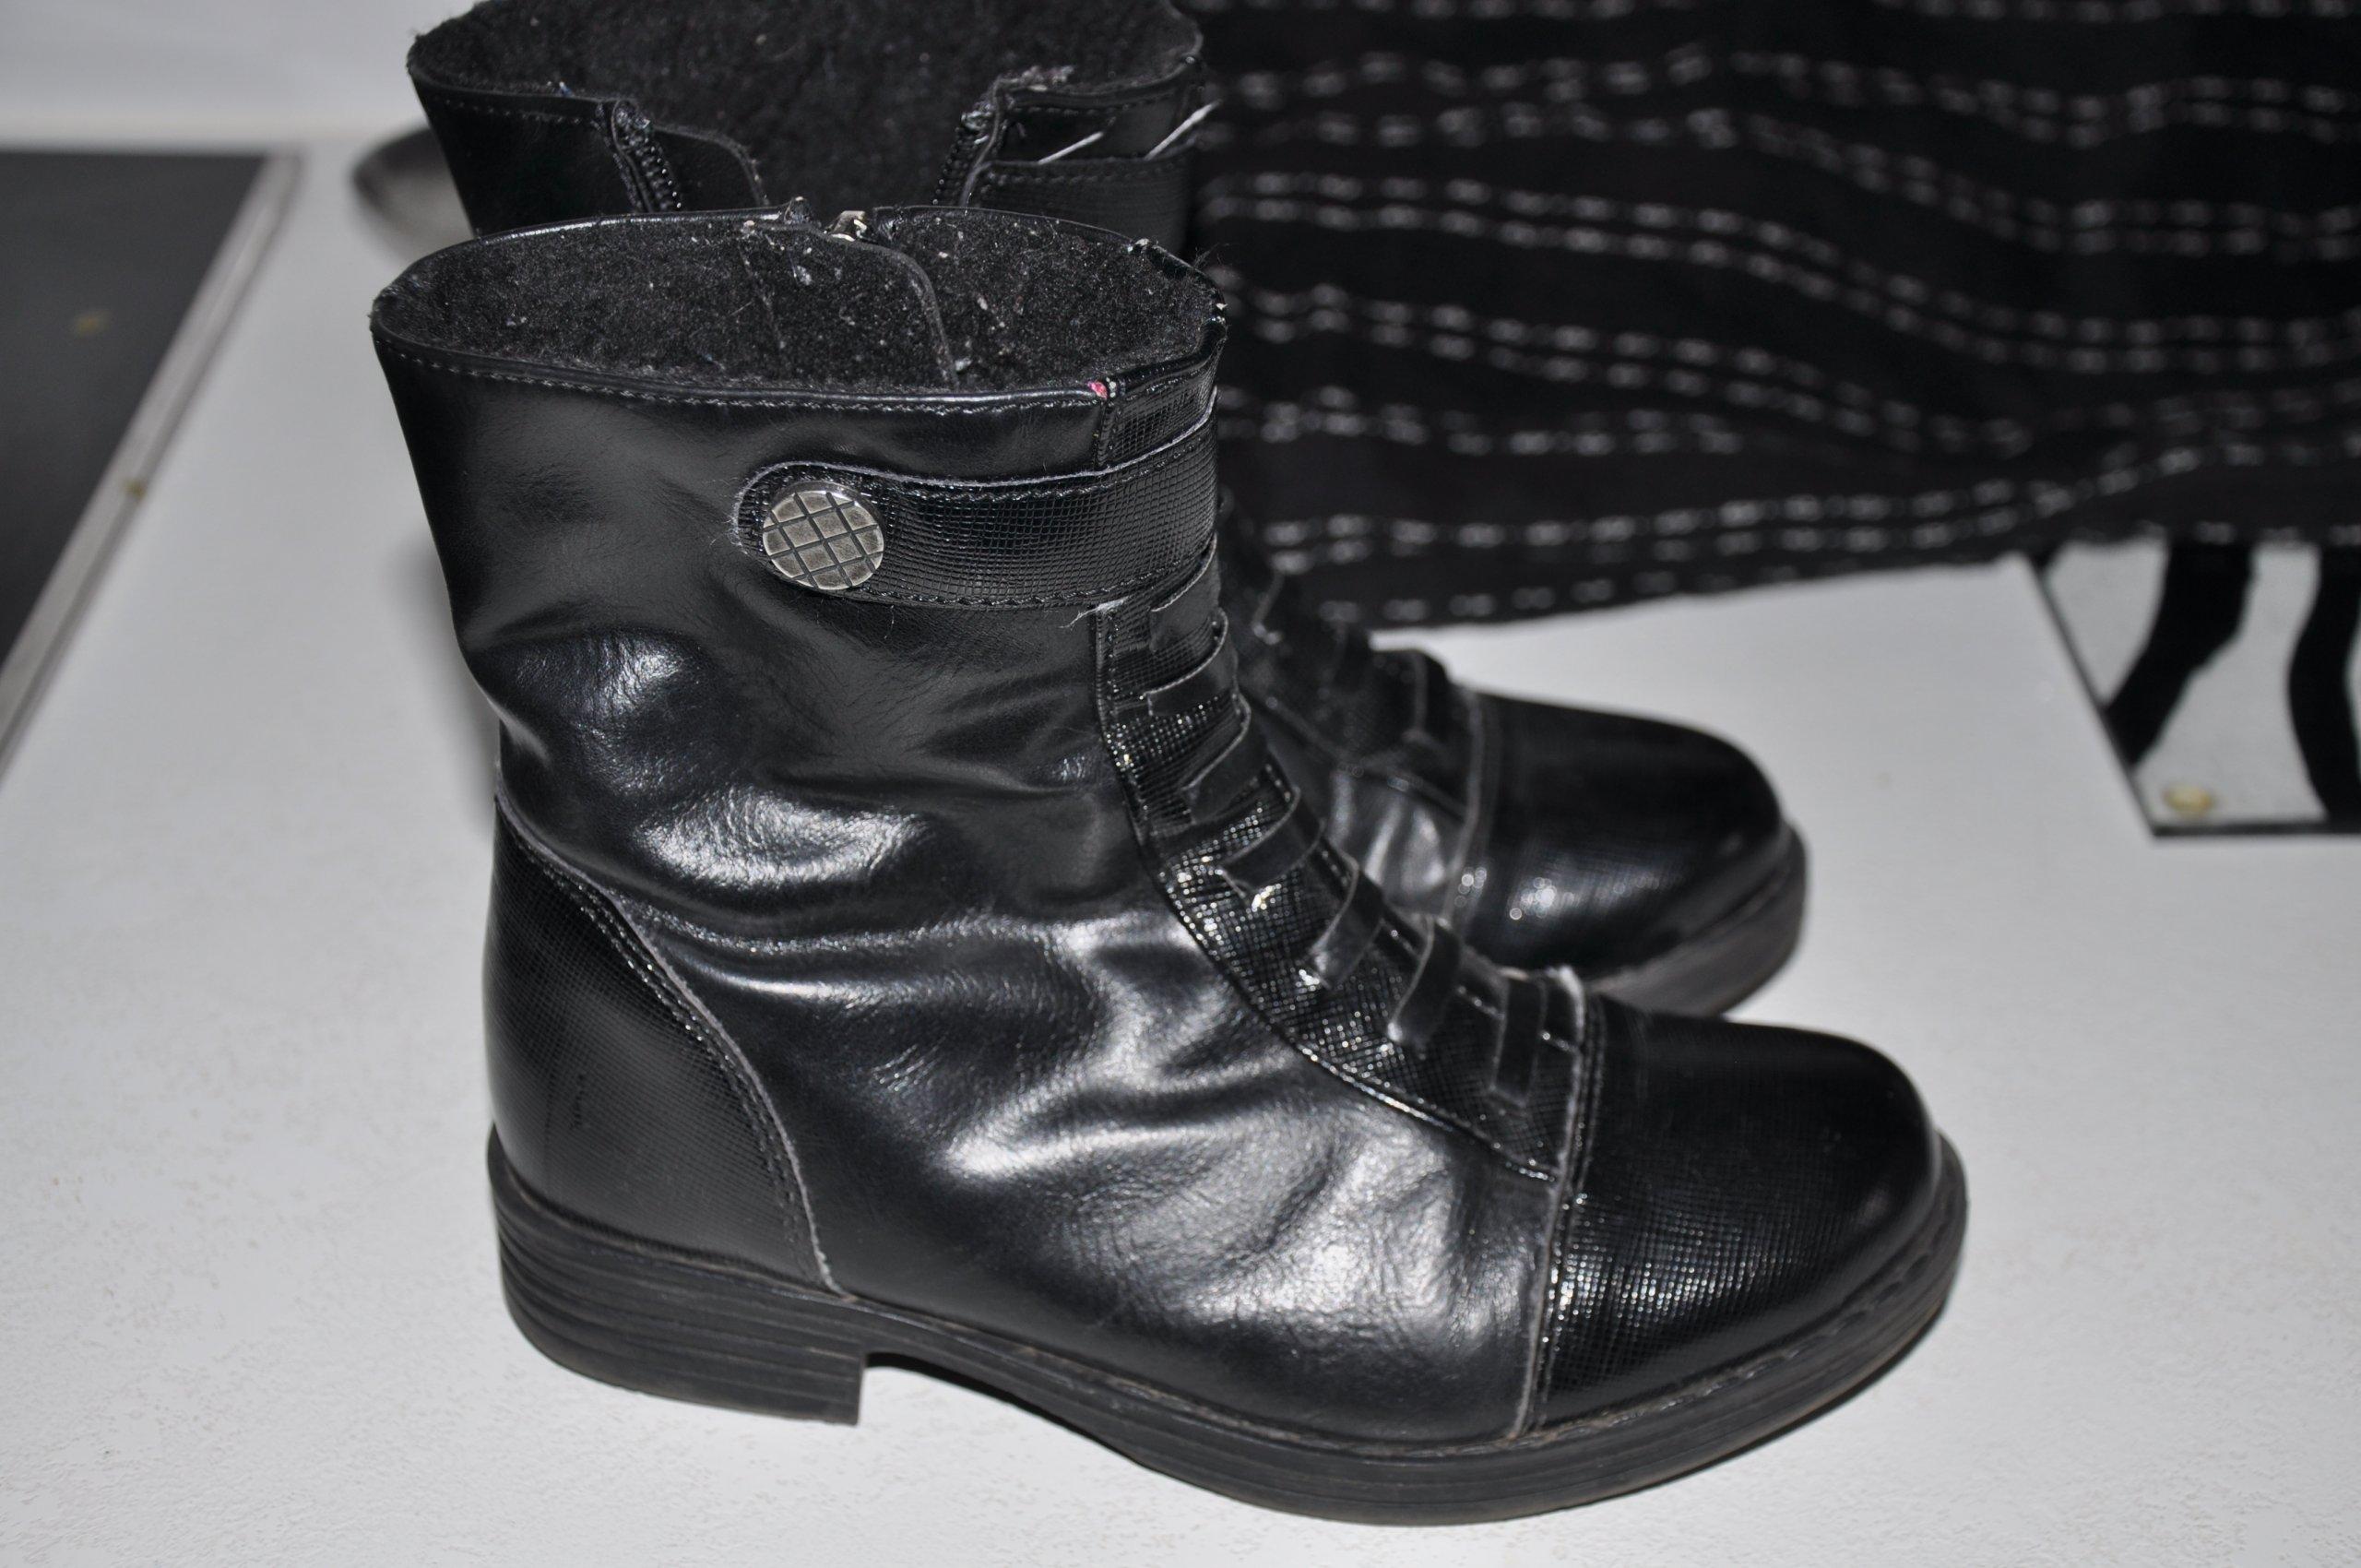 572dbf629bb5d buty zimowe,kozaczki,botki kornecki r.29 - 7169434939 - oficjalne ...